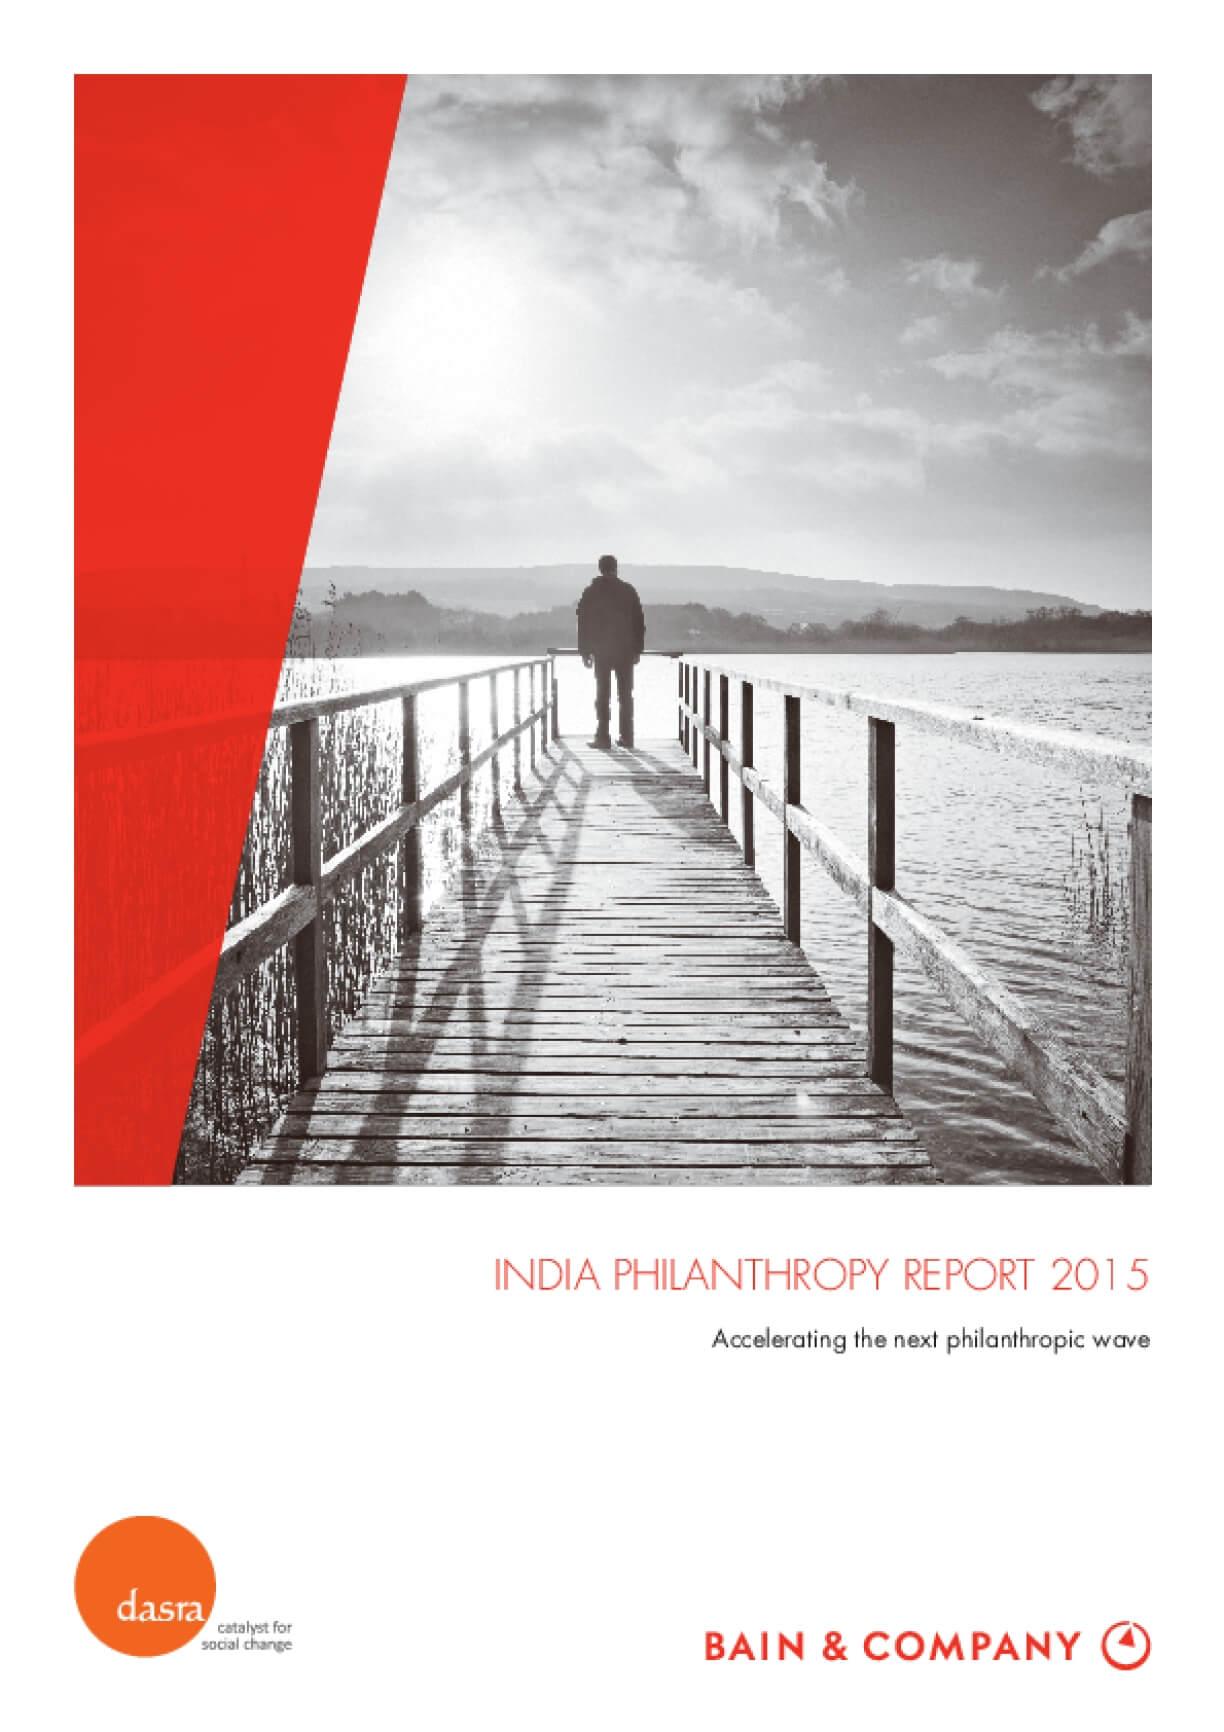 India Philanthropy Report 2015